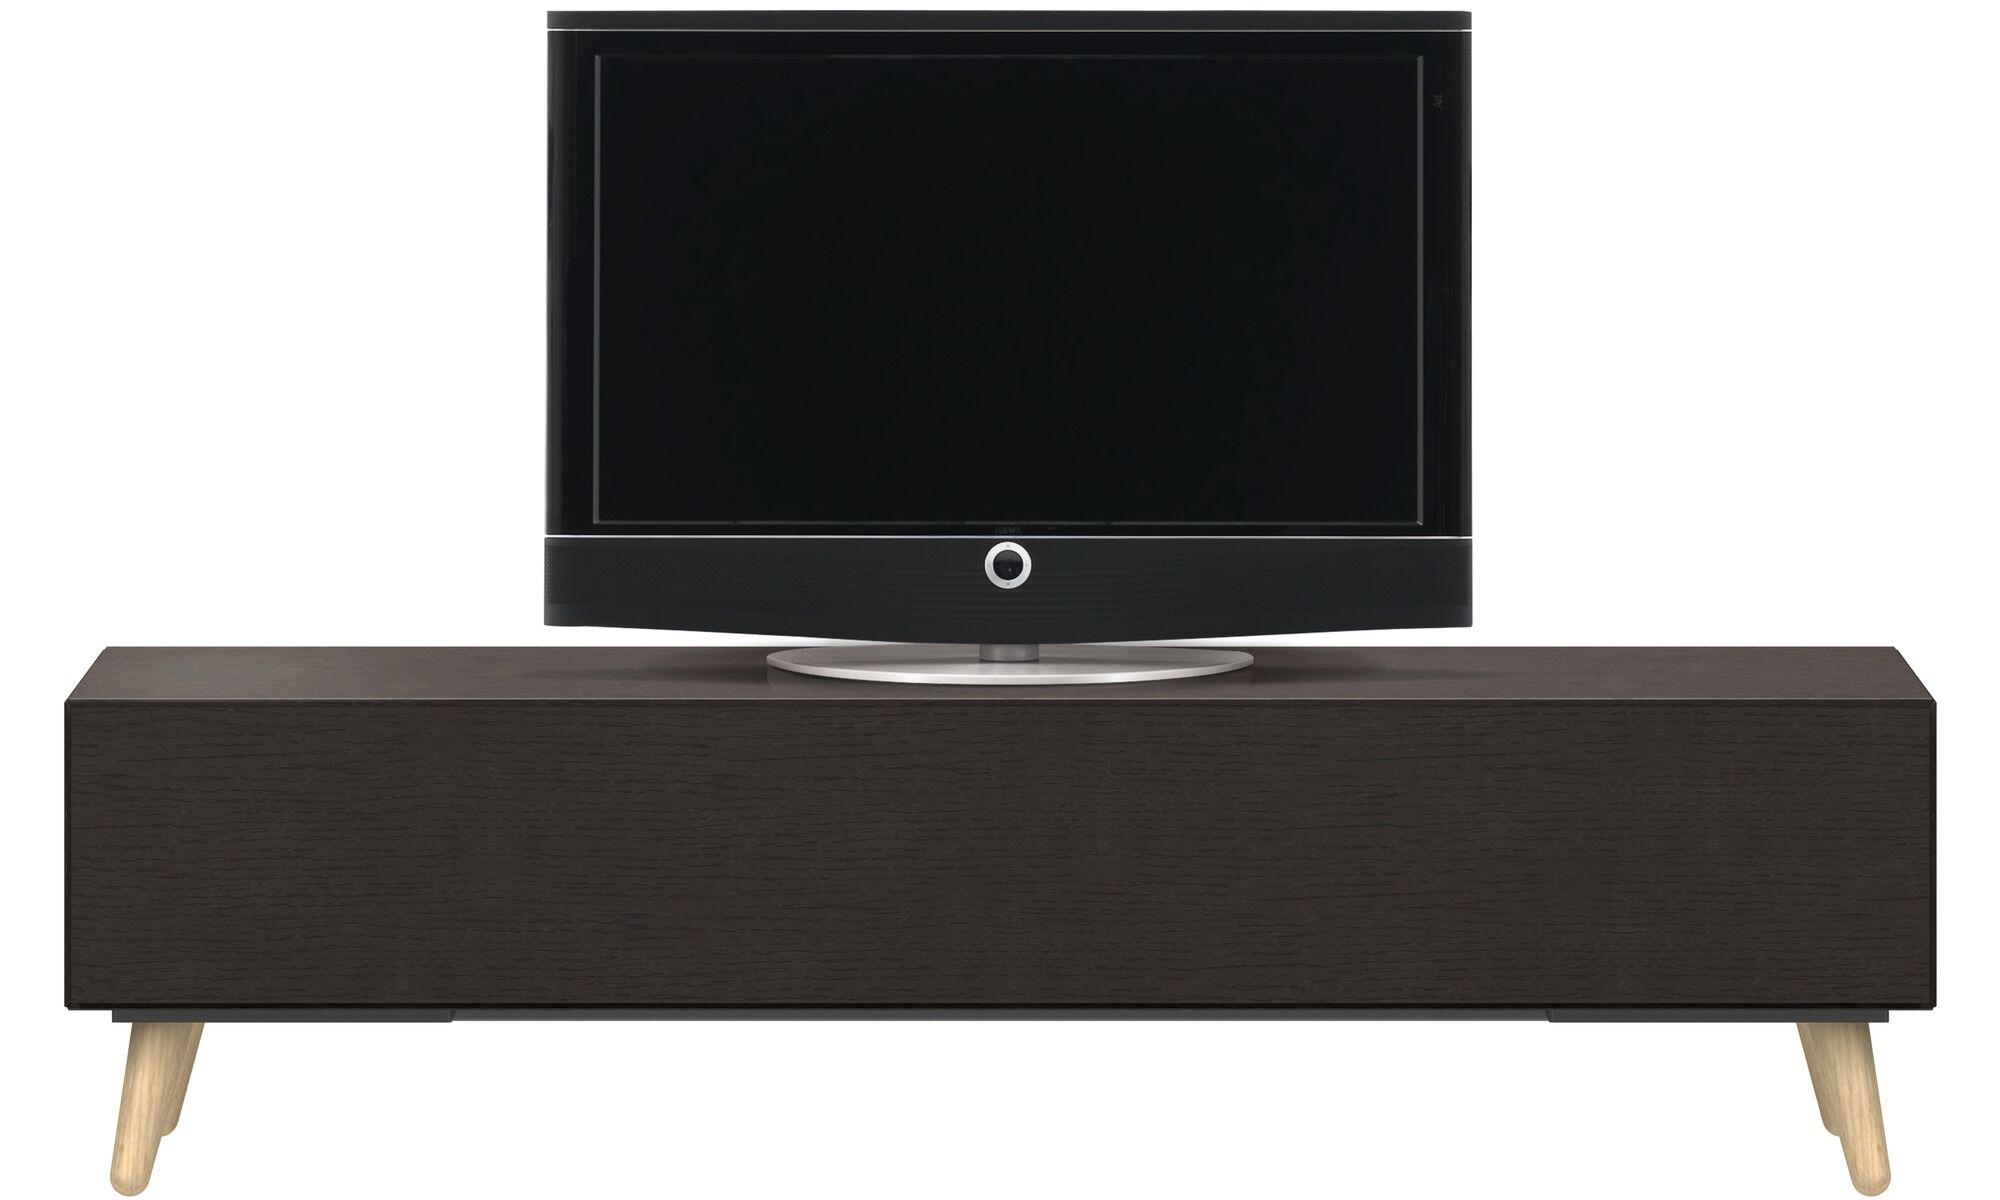 Tv Tisch Ecke ~ Tag of tv tisch dunkles holz ecke kiefer rack selber bauen